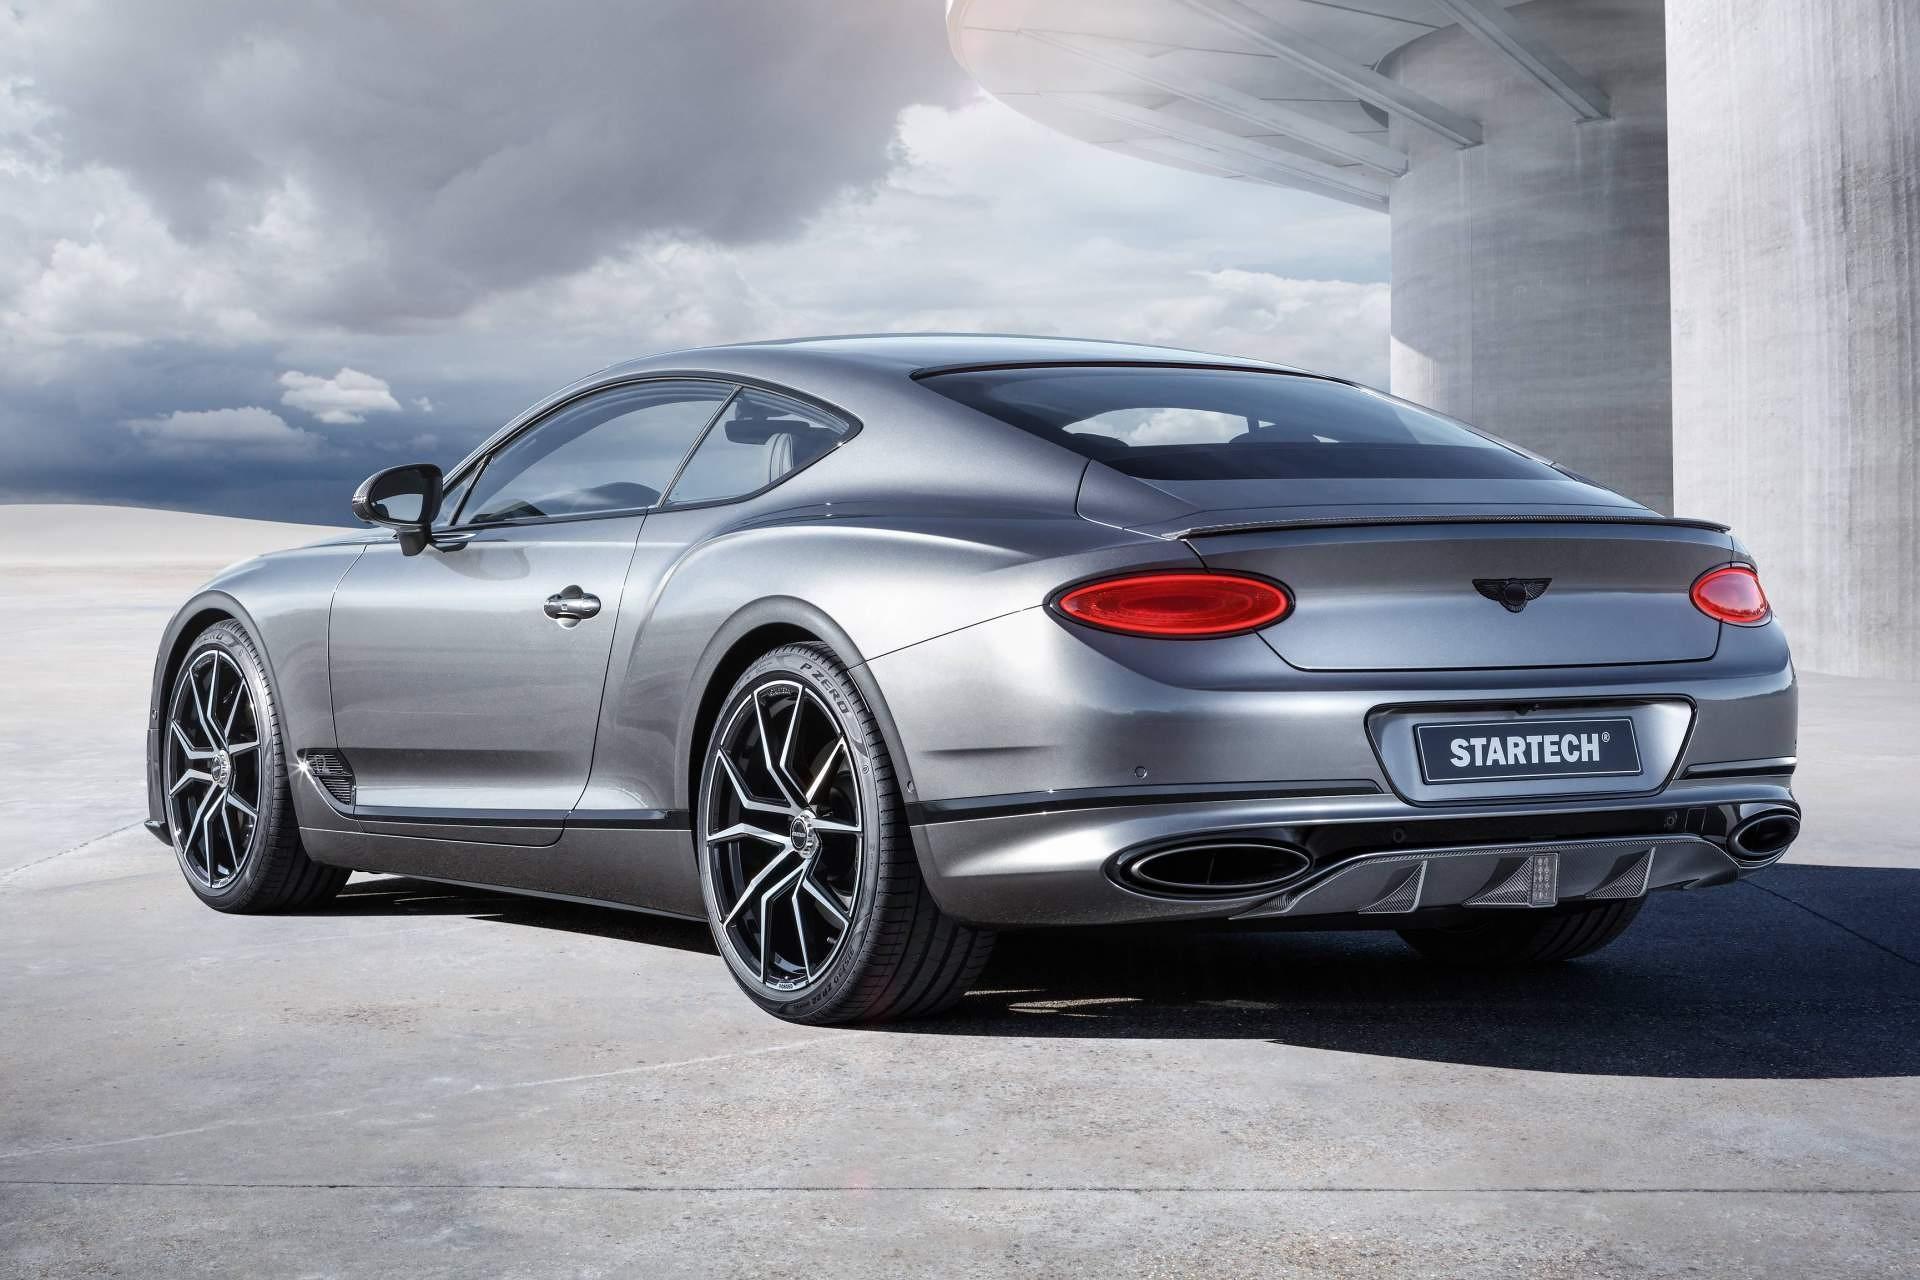 Ngắm Bentley Continental GT sau khi qua tay hãng độ Startech Ảnh 3